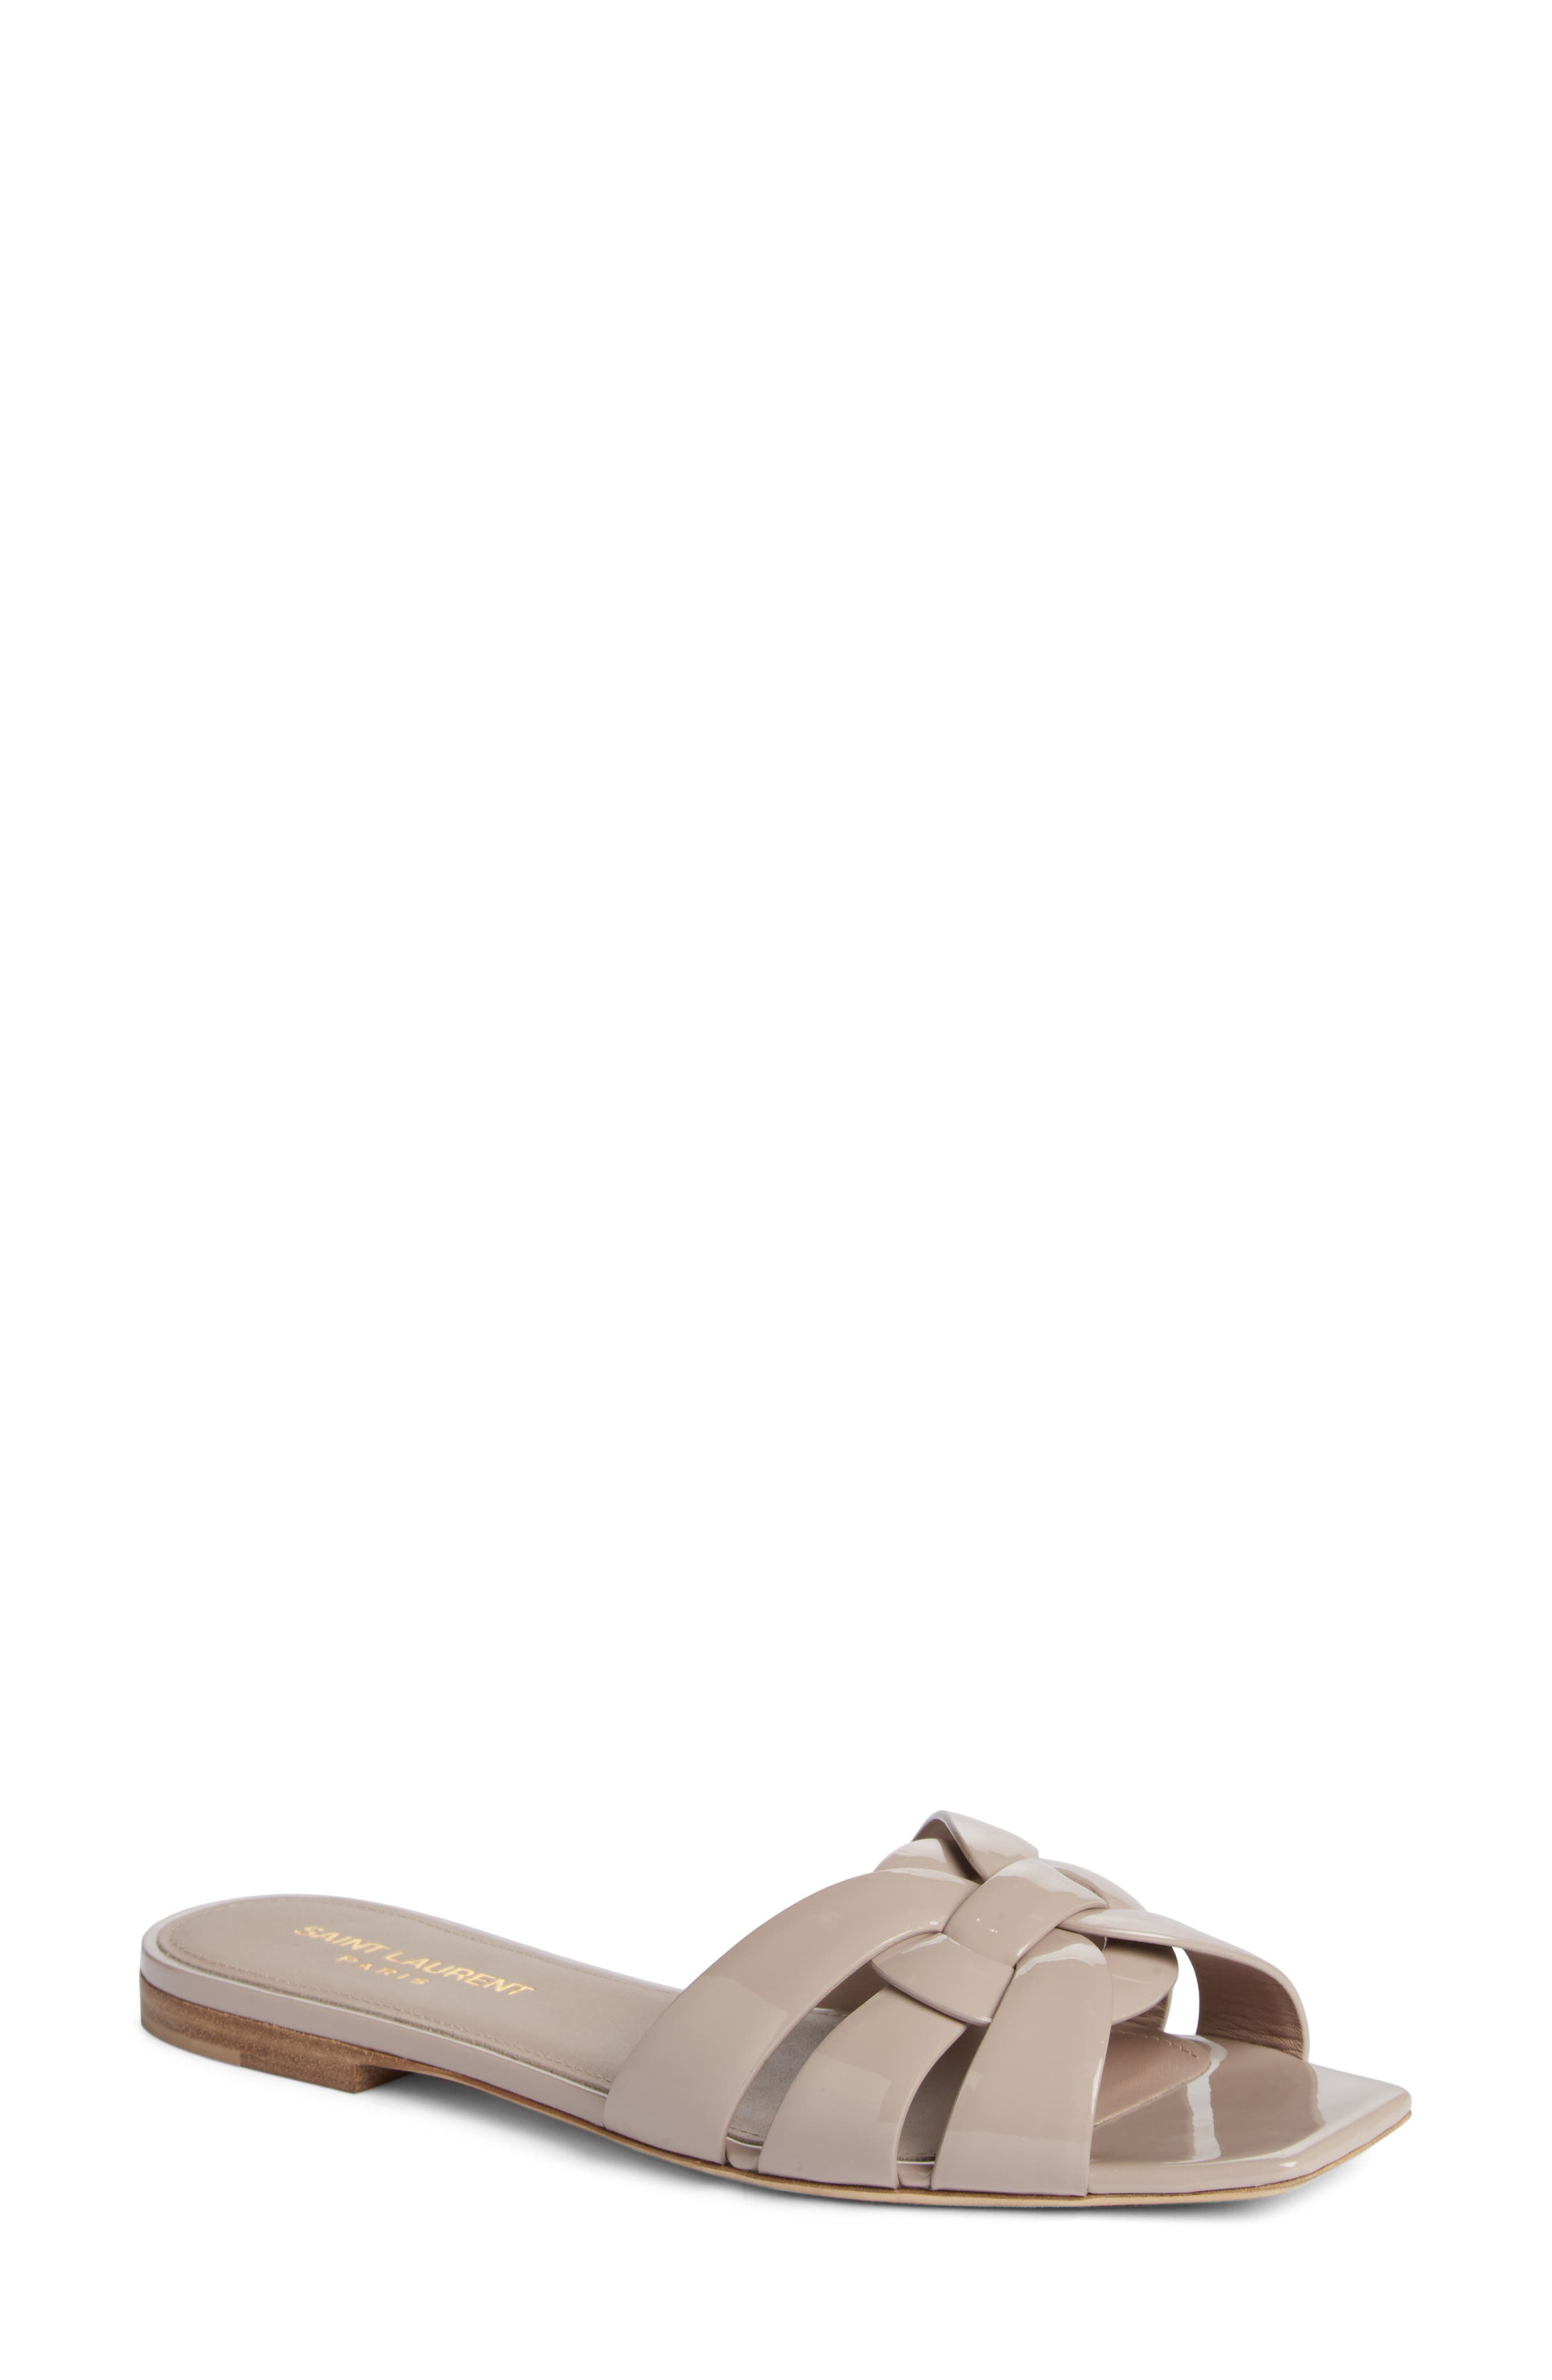 Alternate Image 1 Selected - Saint Laurent Tribute Slide Sandal (Women)